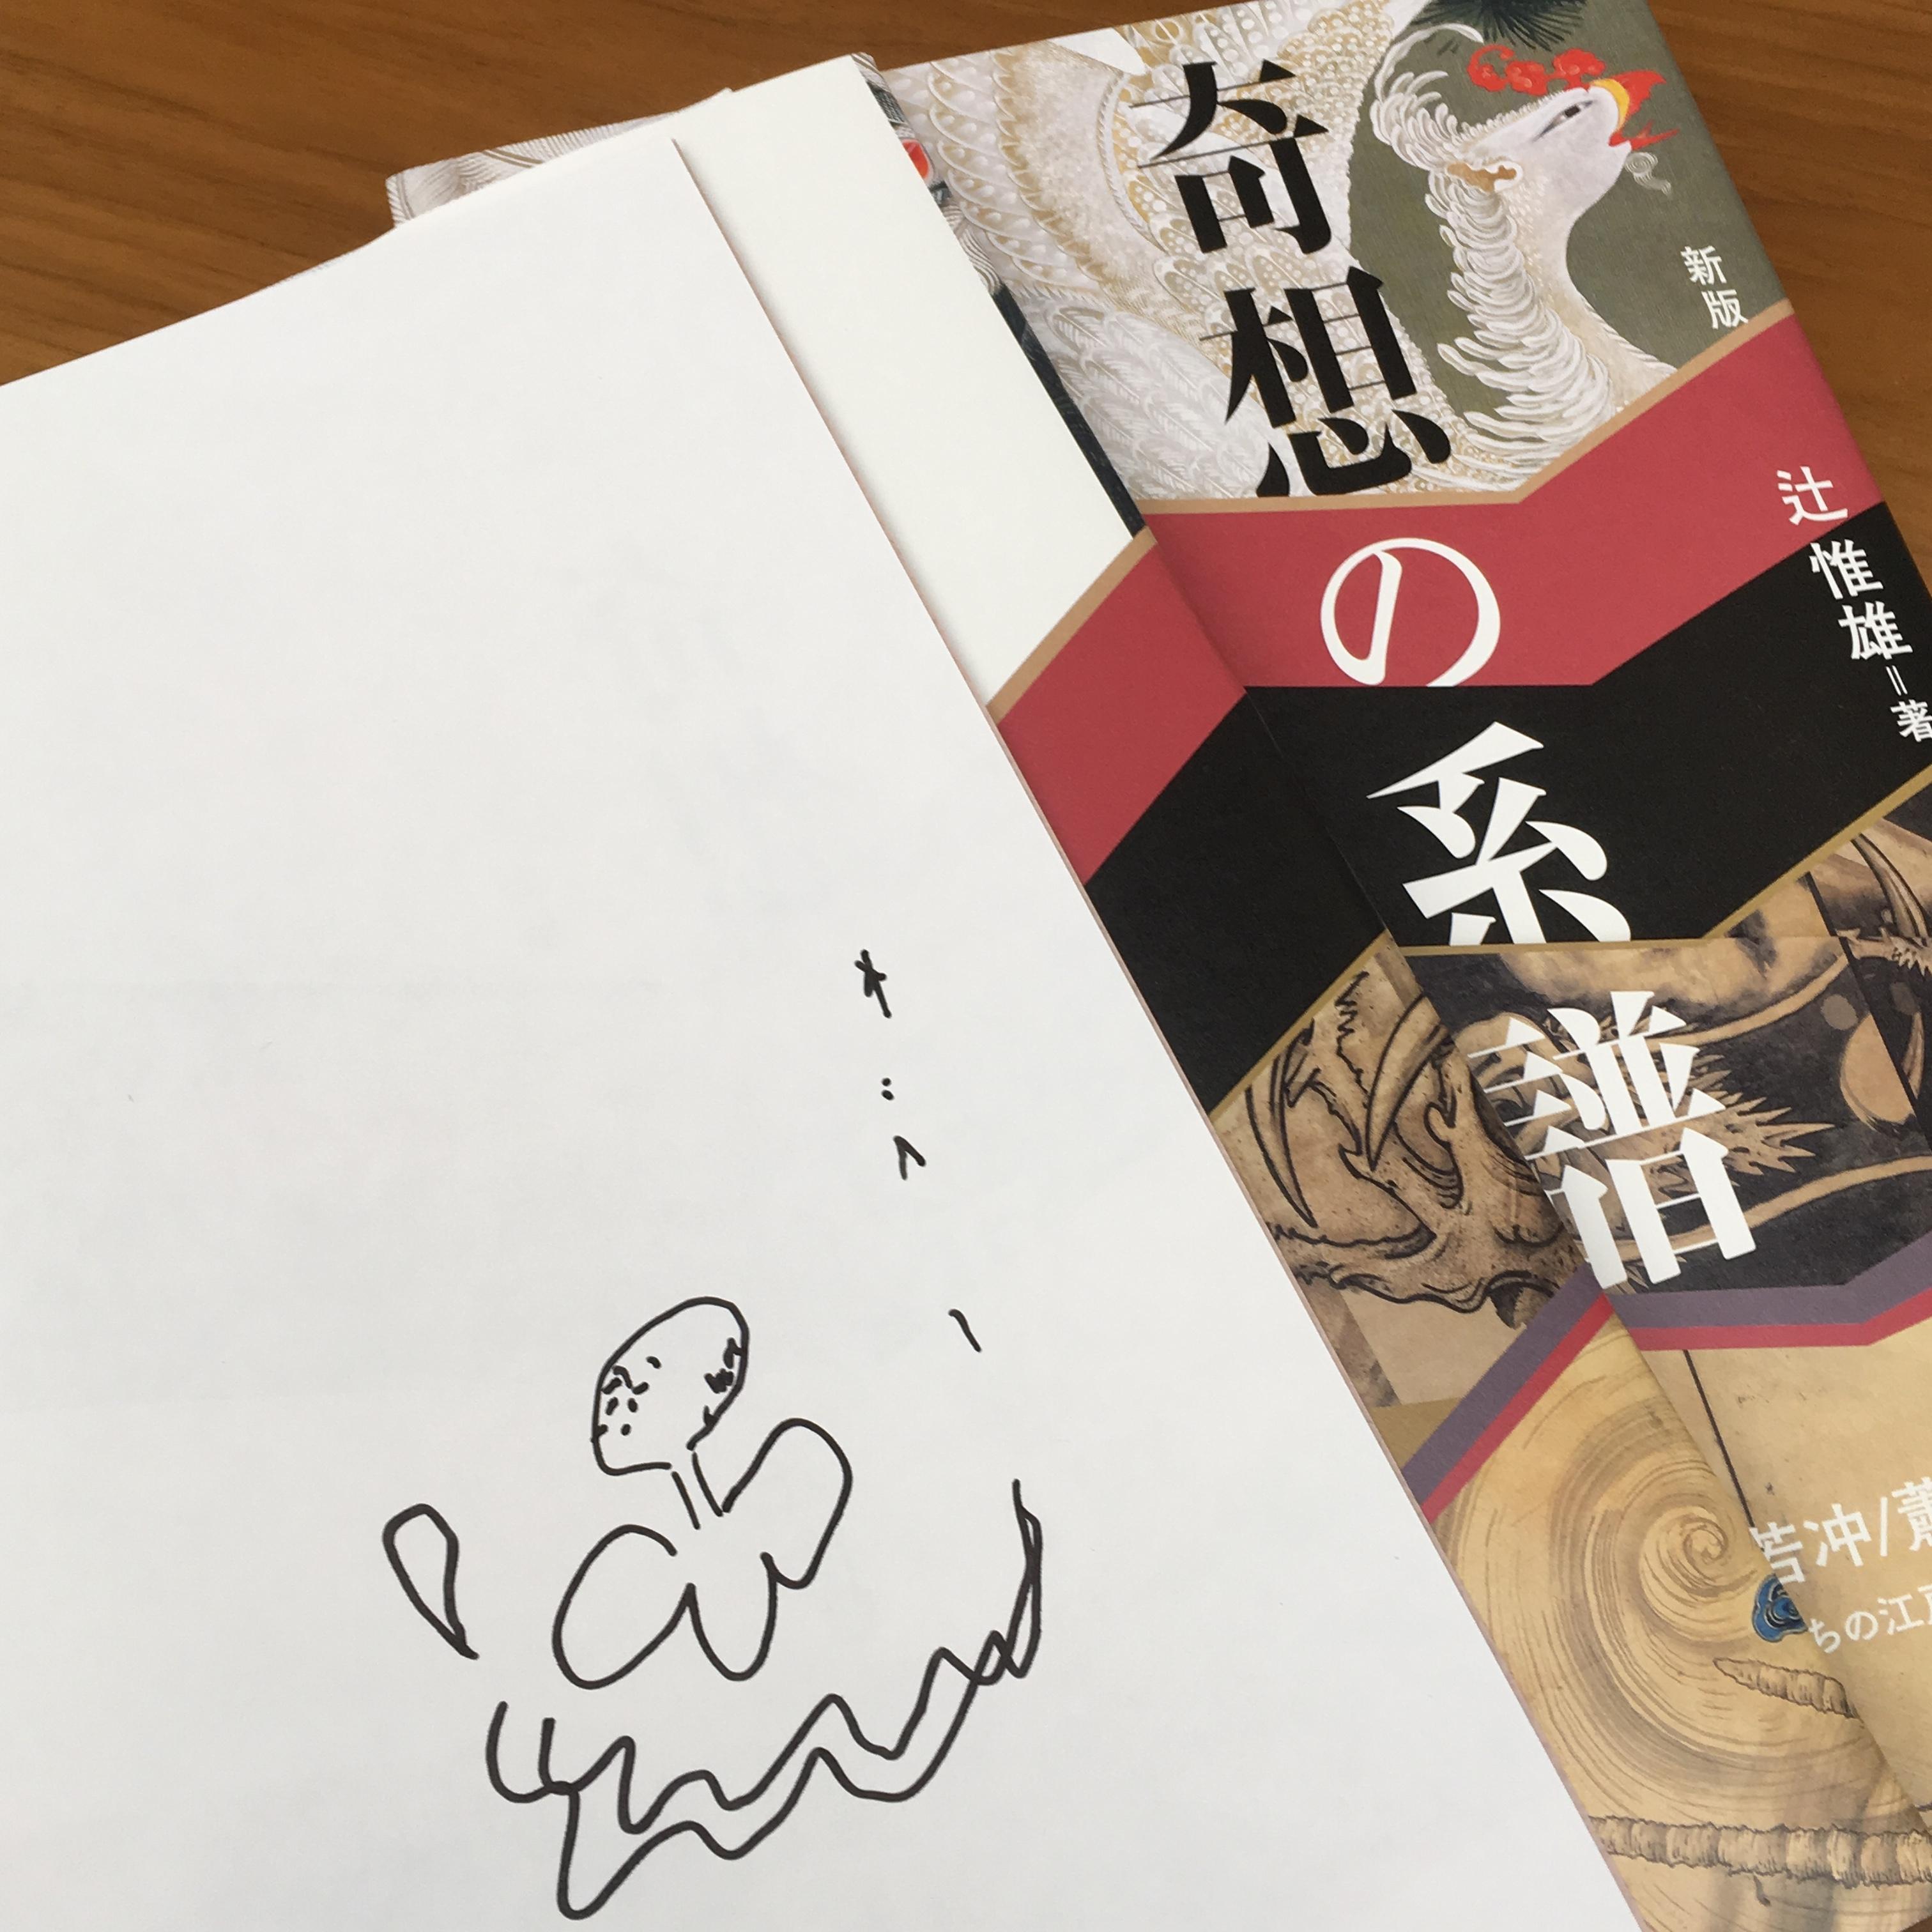 【『奇想の系譜』補講その1】辻先生最愛の作品はどれ?_1_1-2